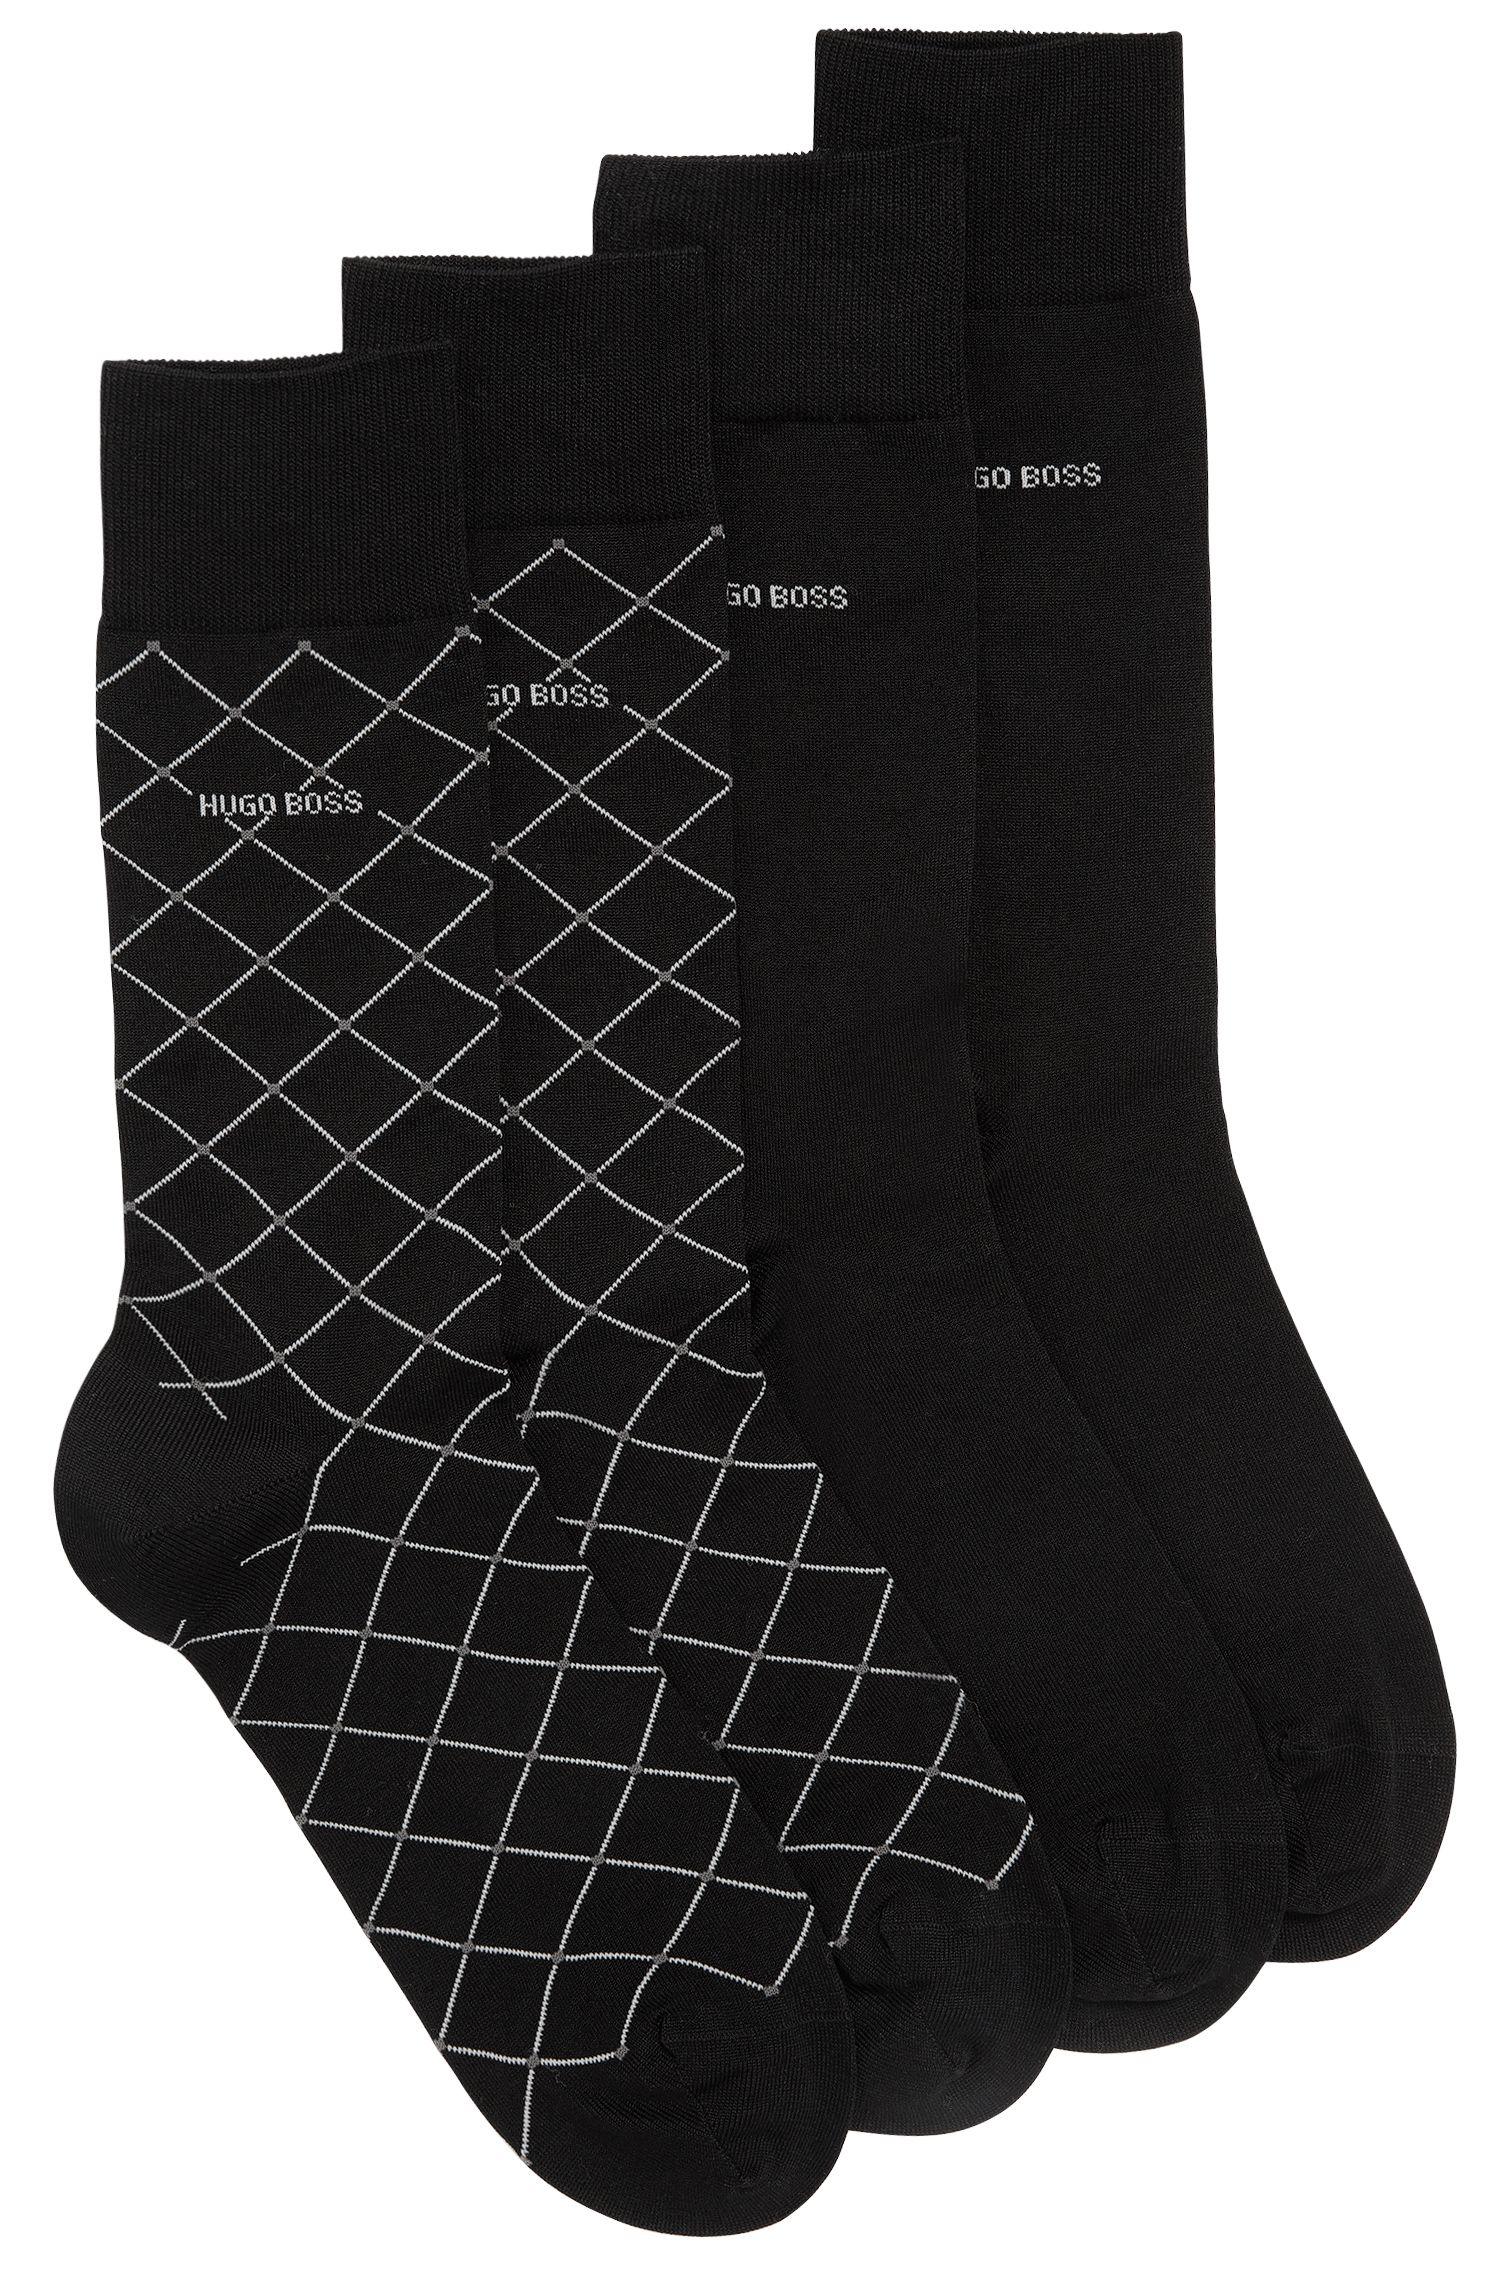 Set van twee paar sokken met normale lengte, van een gemerceriseerde katoenmix